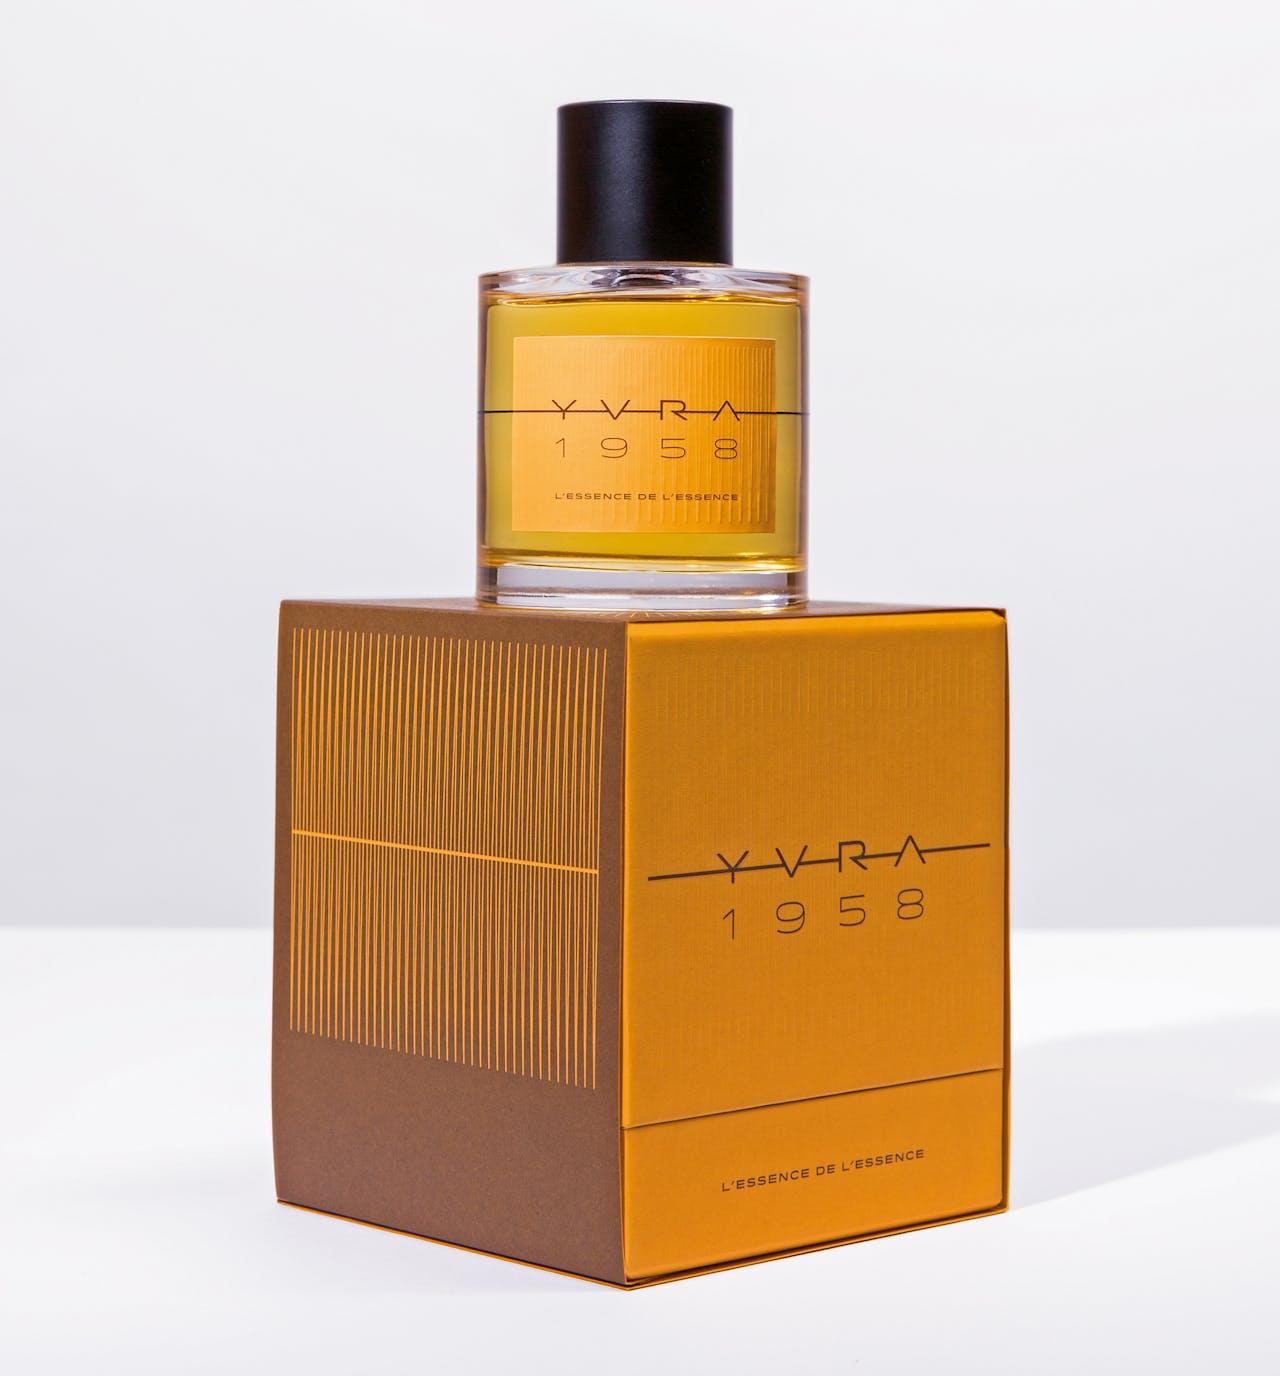 De fles van YVRA 1958 is oranje, als verwijzing naar de citrusnoten.